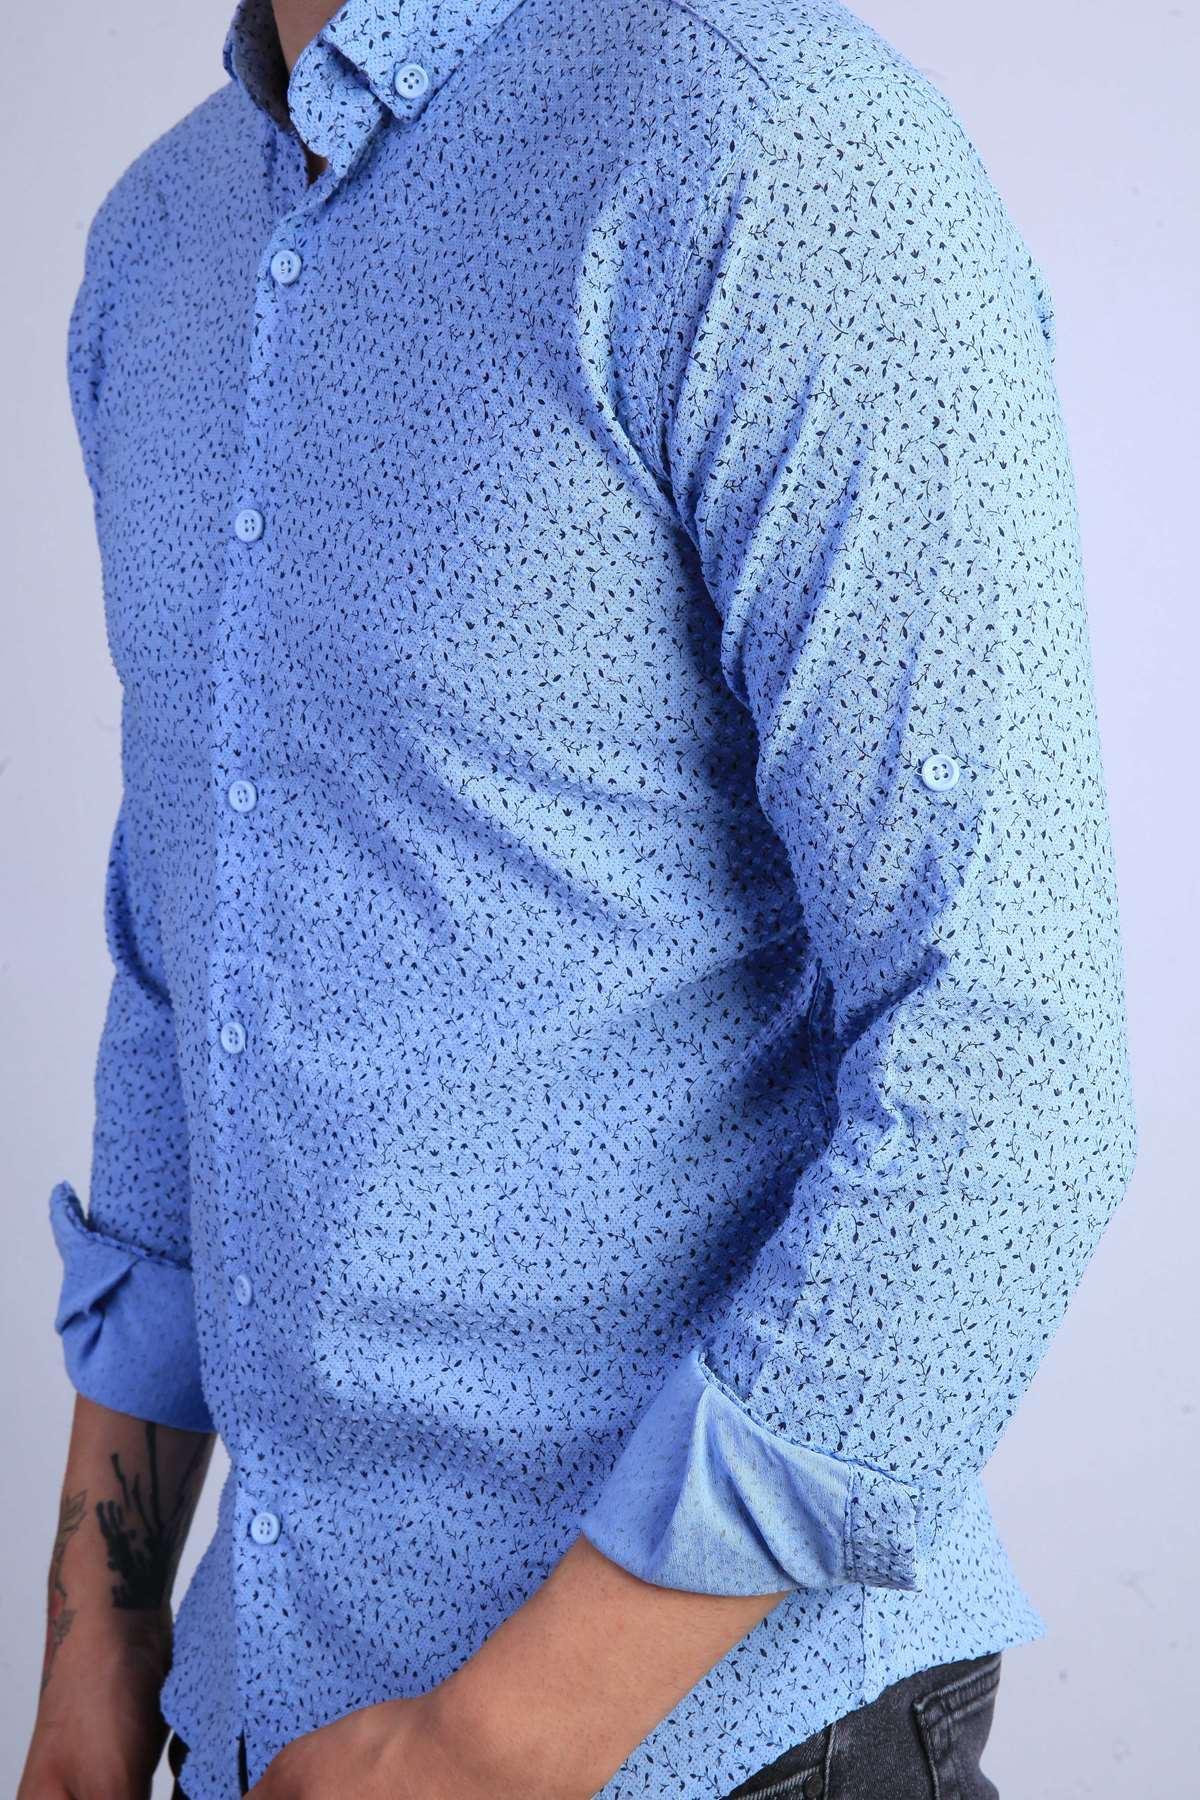 Armüllü Noktalı Küçük Yaprak Desenli Slim Fit Gömlek Mavi